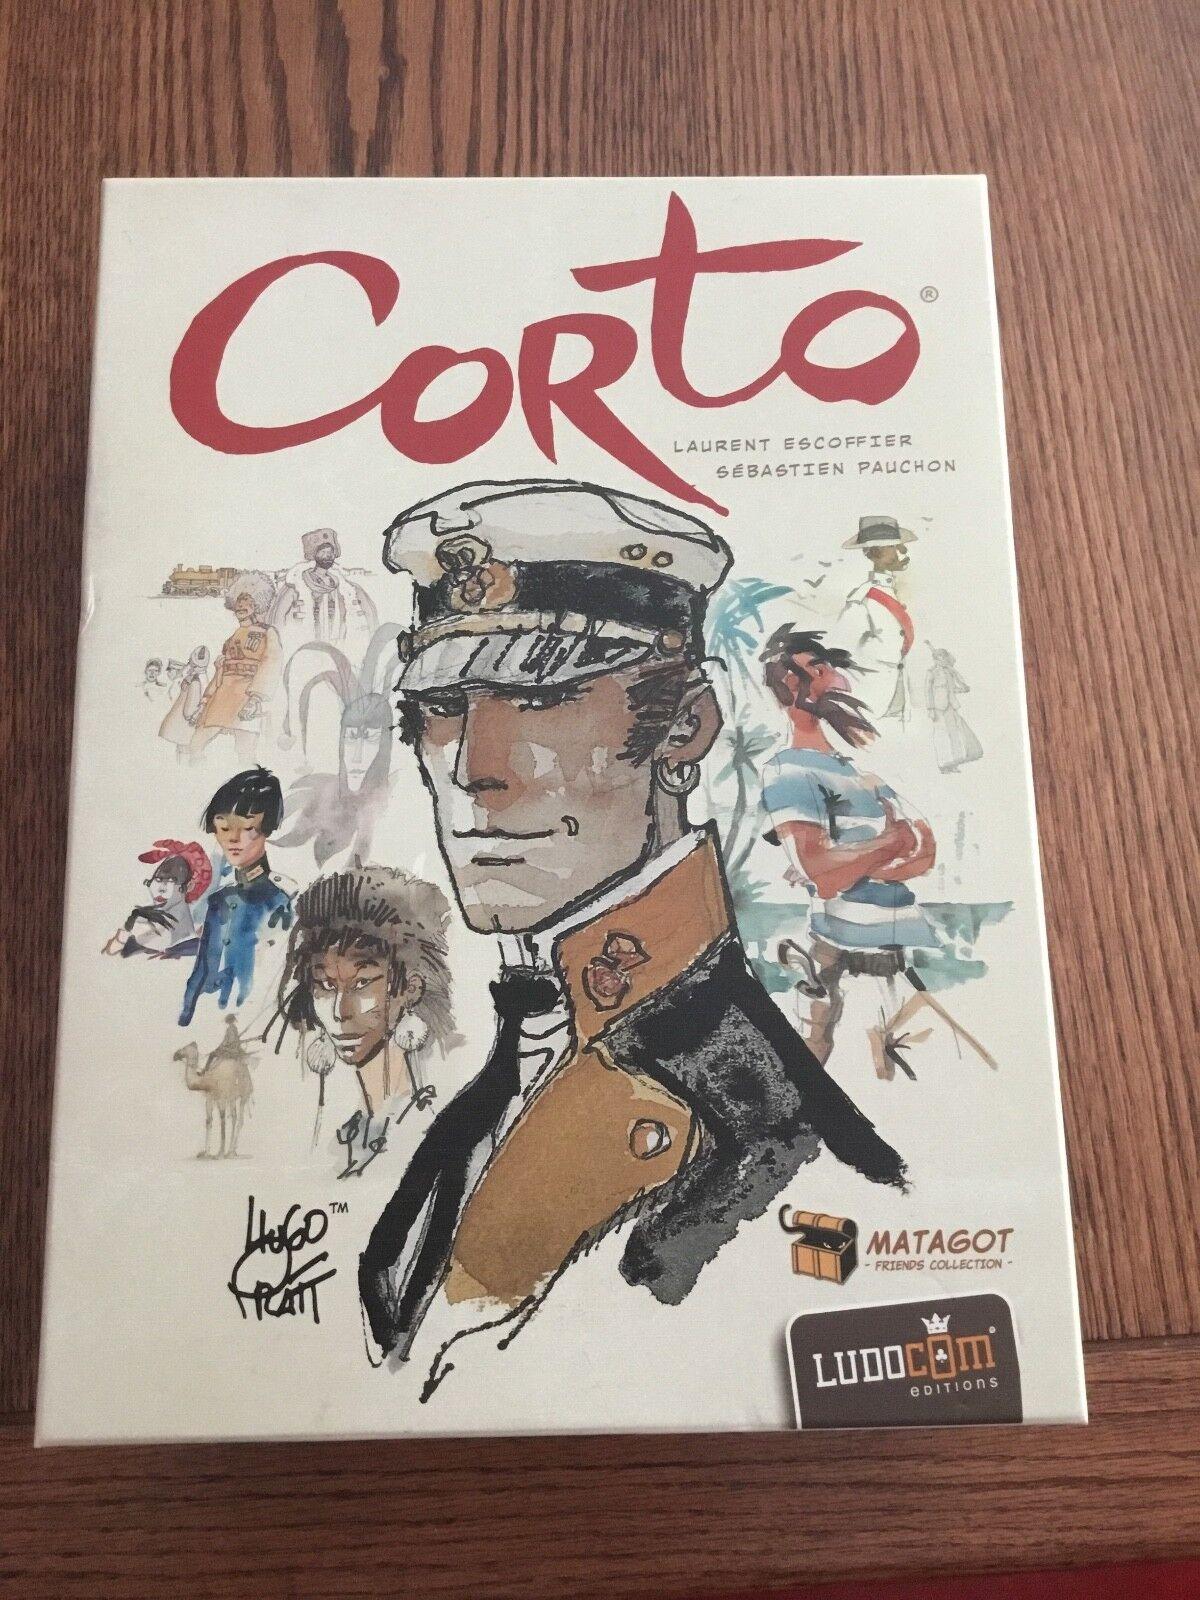 Corto - brettspiel - noch nie gespielt.